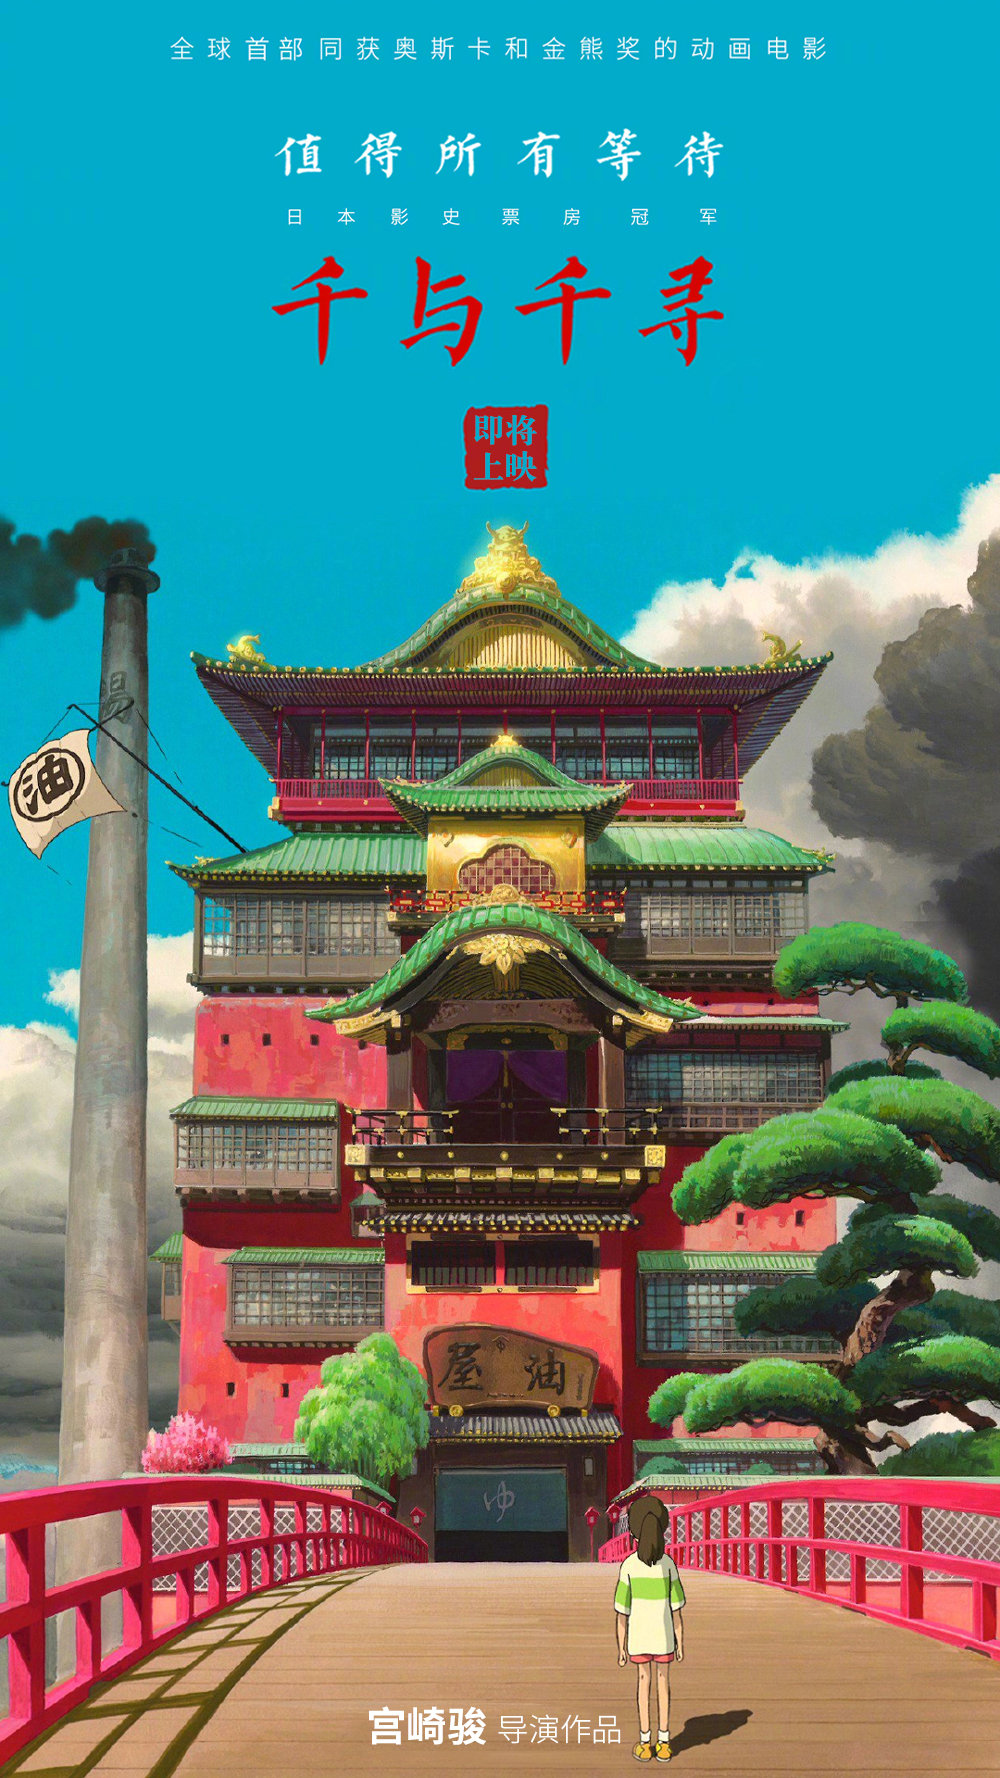 千与千寻,宫崎骏,千与千寻上映